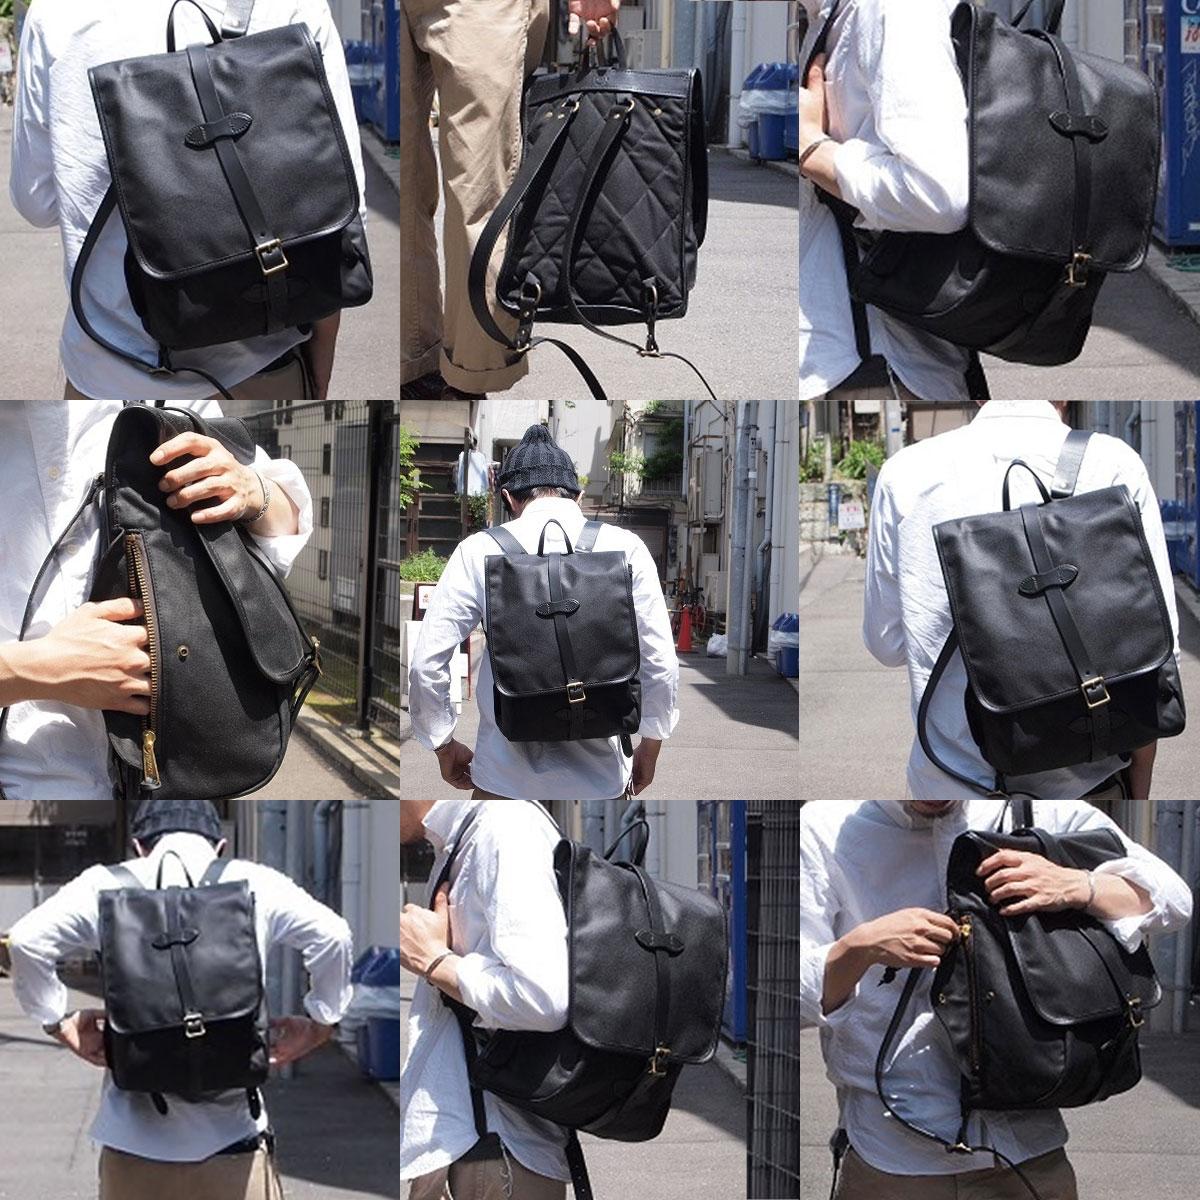 Filson Tin Cloth Backpack Black, stijlvolle rugzak voor iedere trip die jij gaat maken